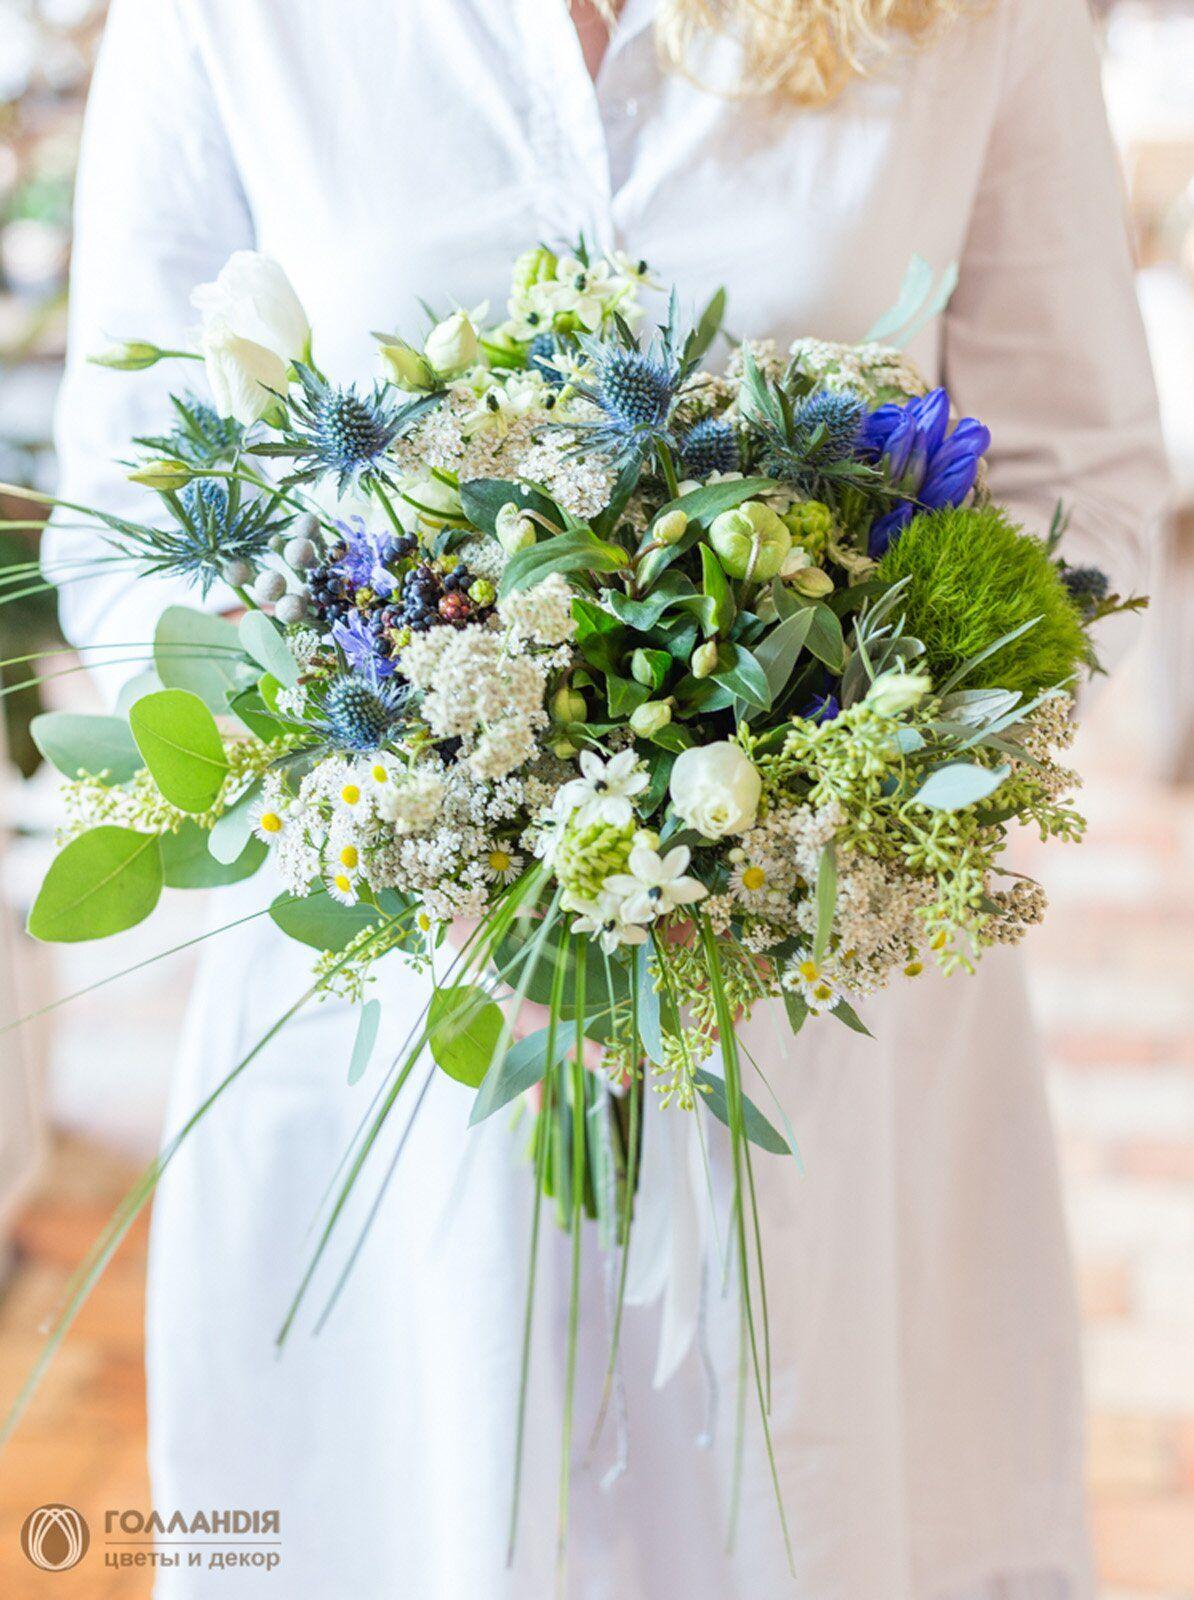 Букеты на свадьбу оренбург адреса, роз